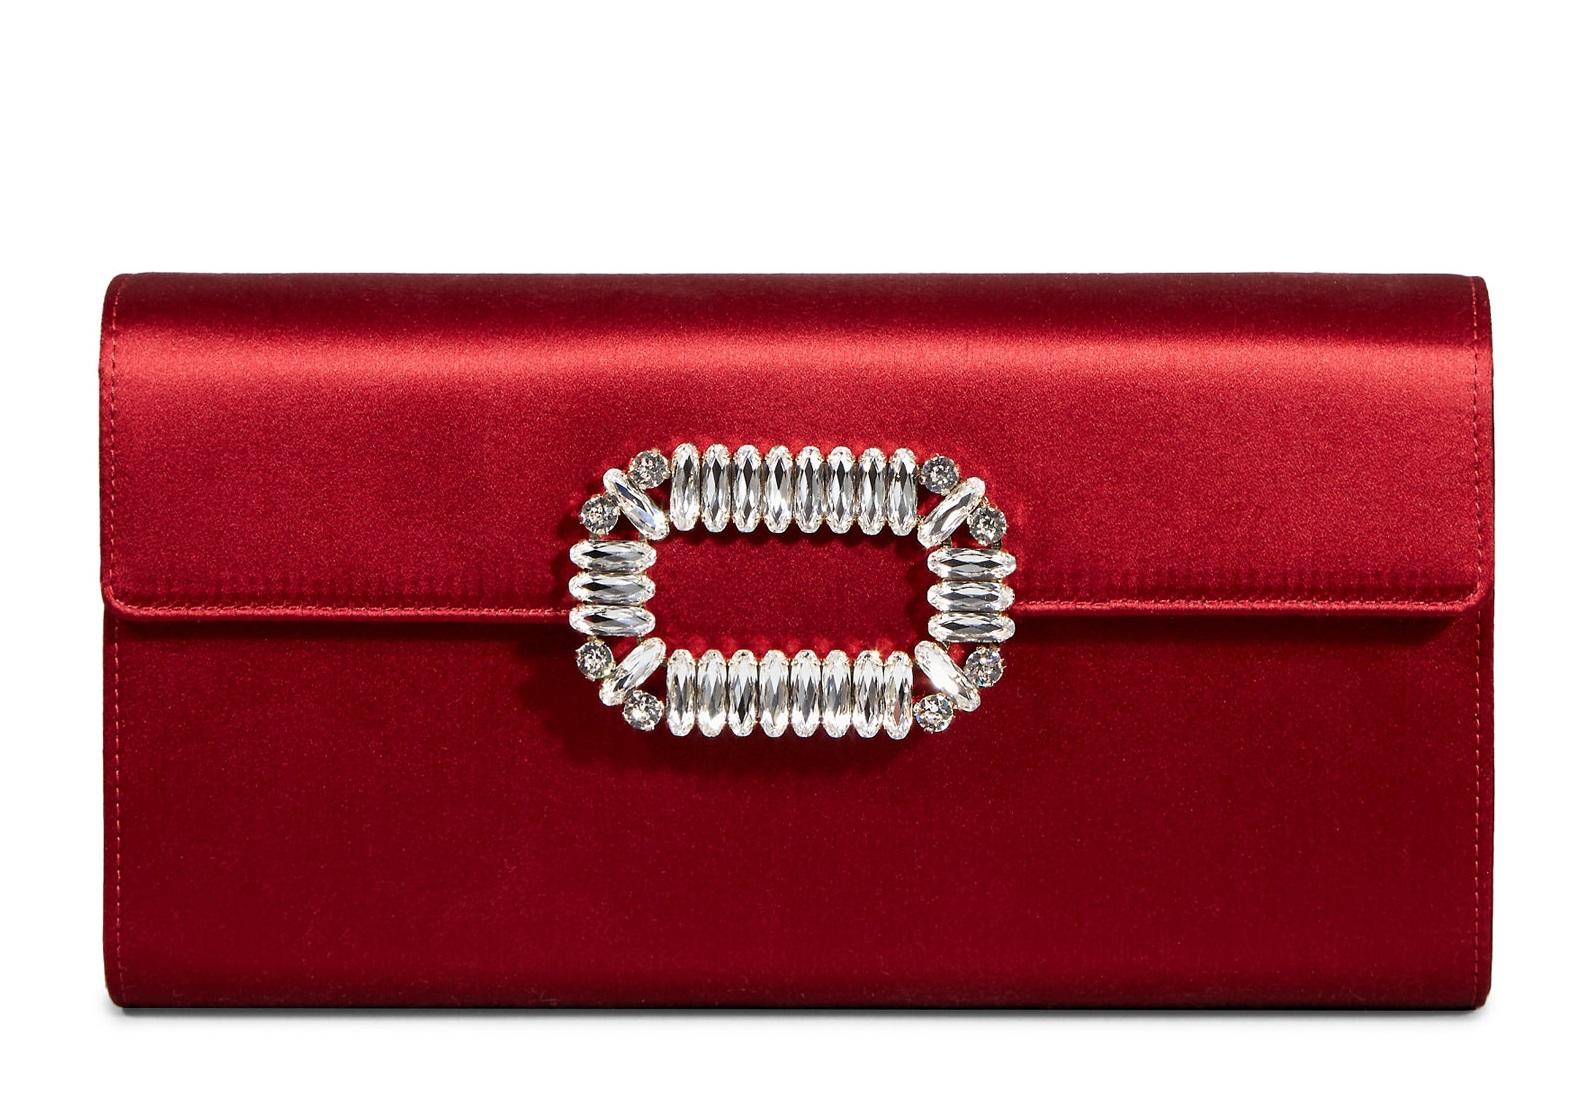 Pochette in raso di seta Roger Vivier look donna san valentino